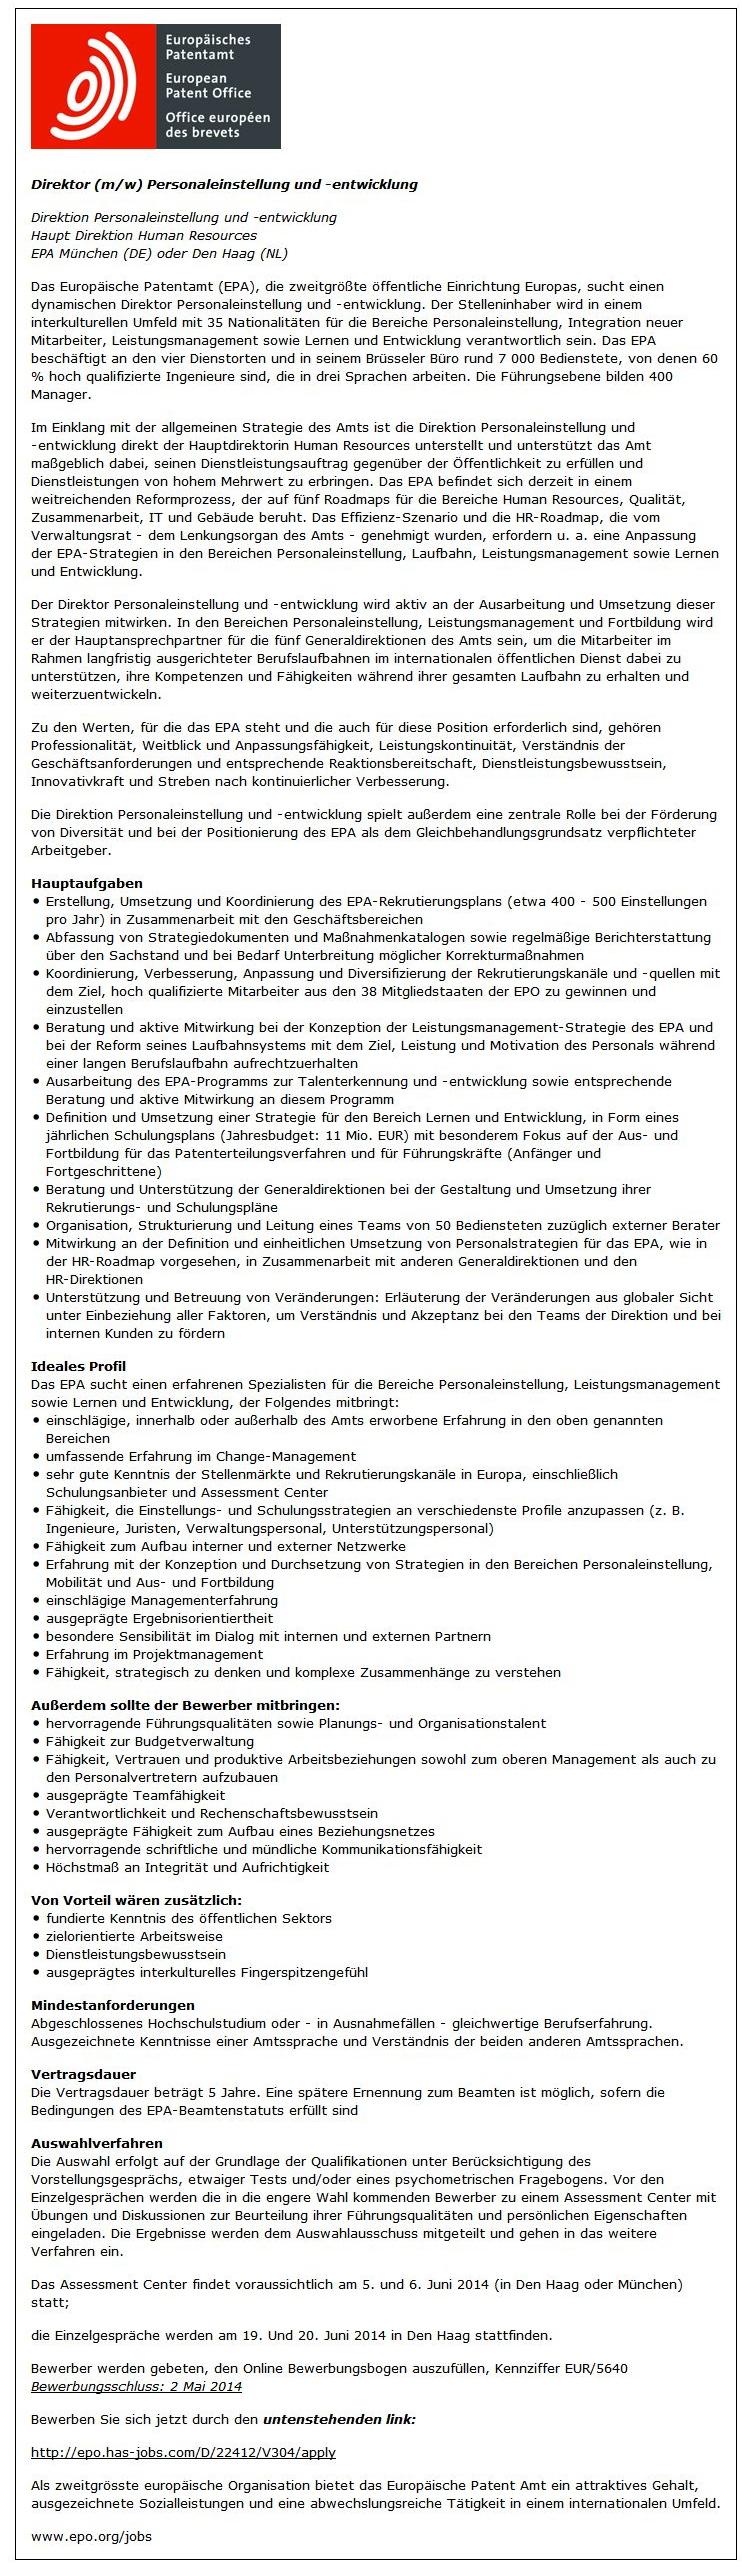 Stellenanzeige Direktor Personaleinstellung und Entwicklung des Europäischen Patentamts